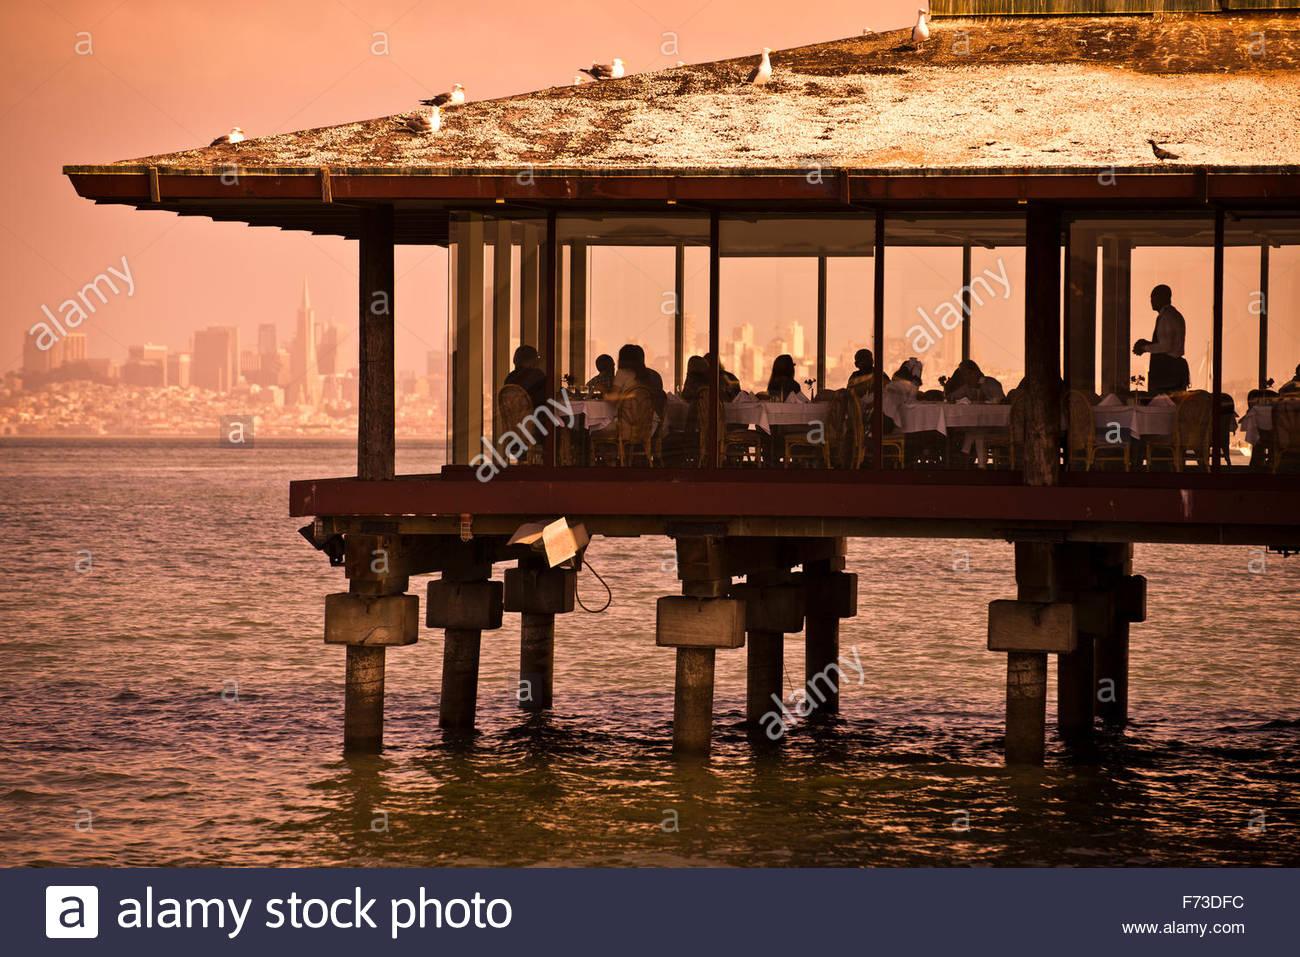 Un ristorante a strapiombo sull'acqua in Sausalito, California. Foto Stock